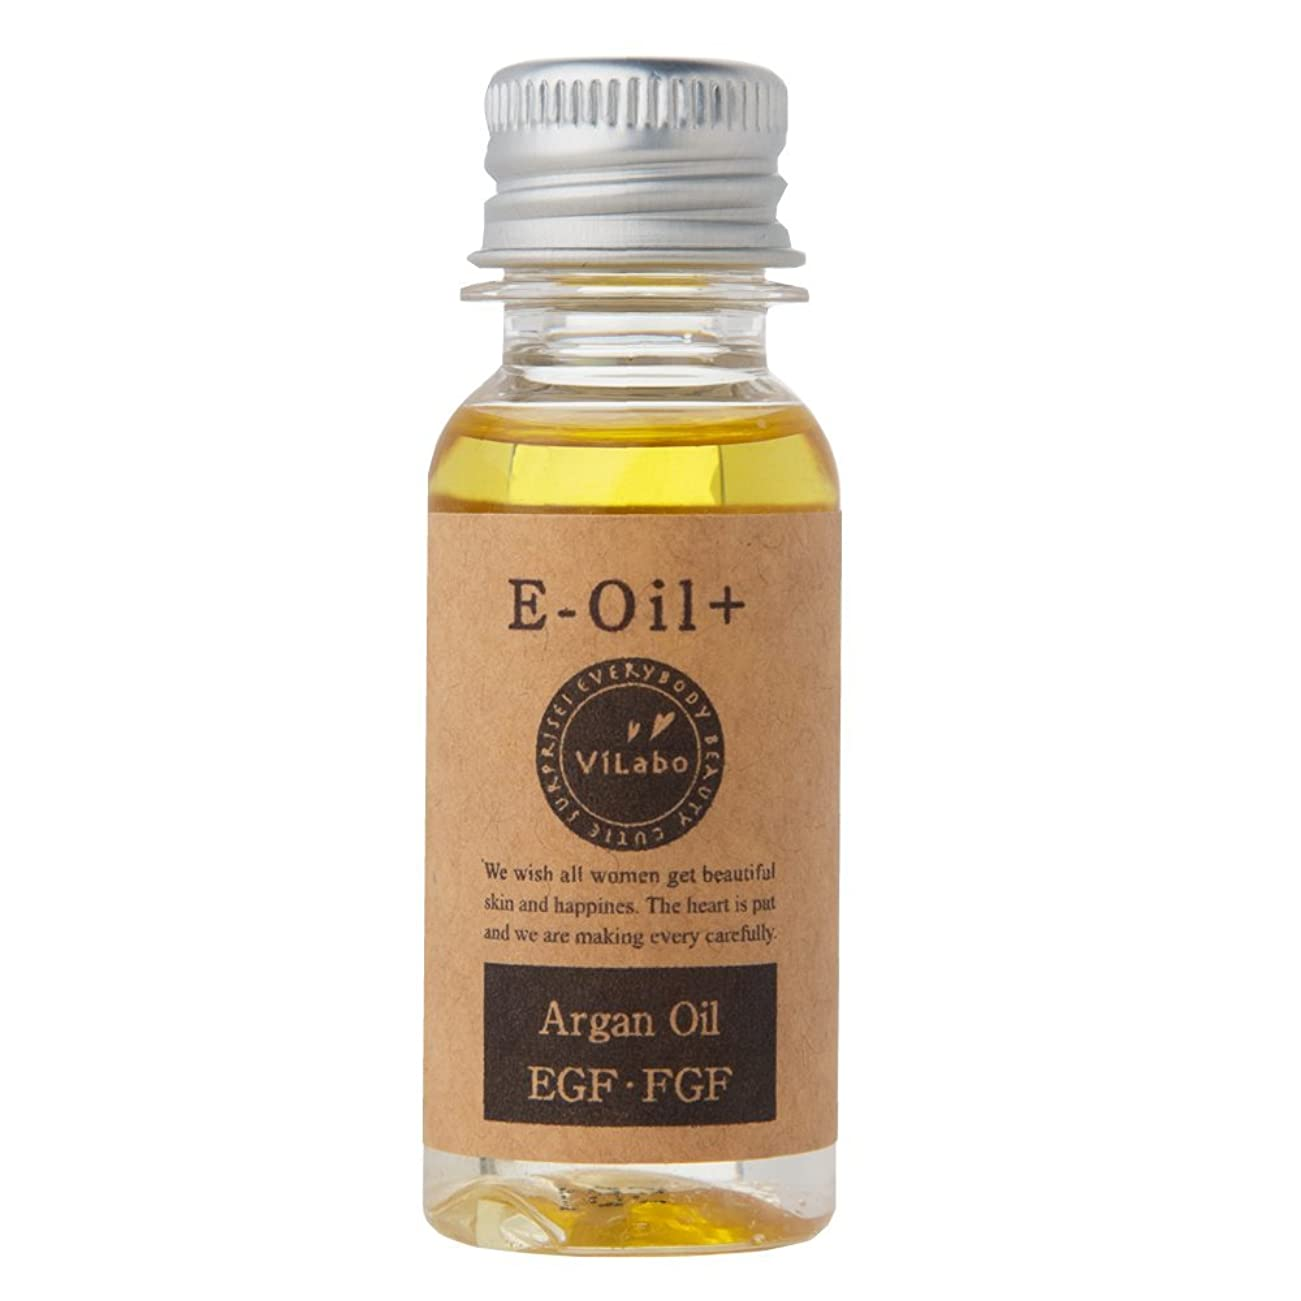 苦痛繁栄する構築するオーガニックアルガン+EGF?FGF原液30ml/E-Oil+(イーオイルプラス)AR/ オーガニック アルガンオイル 100%